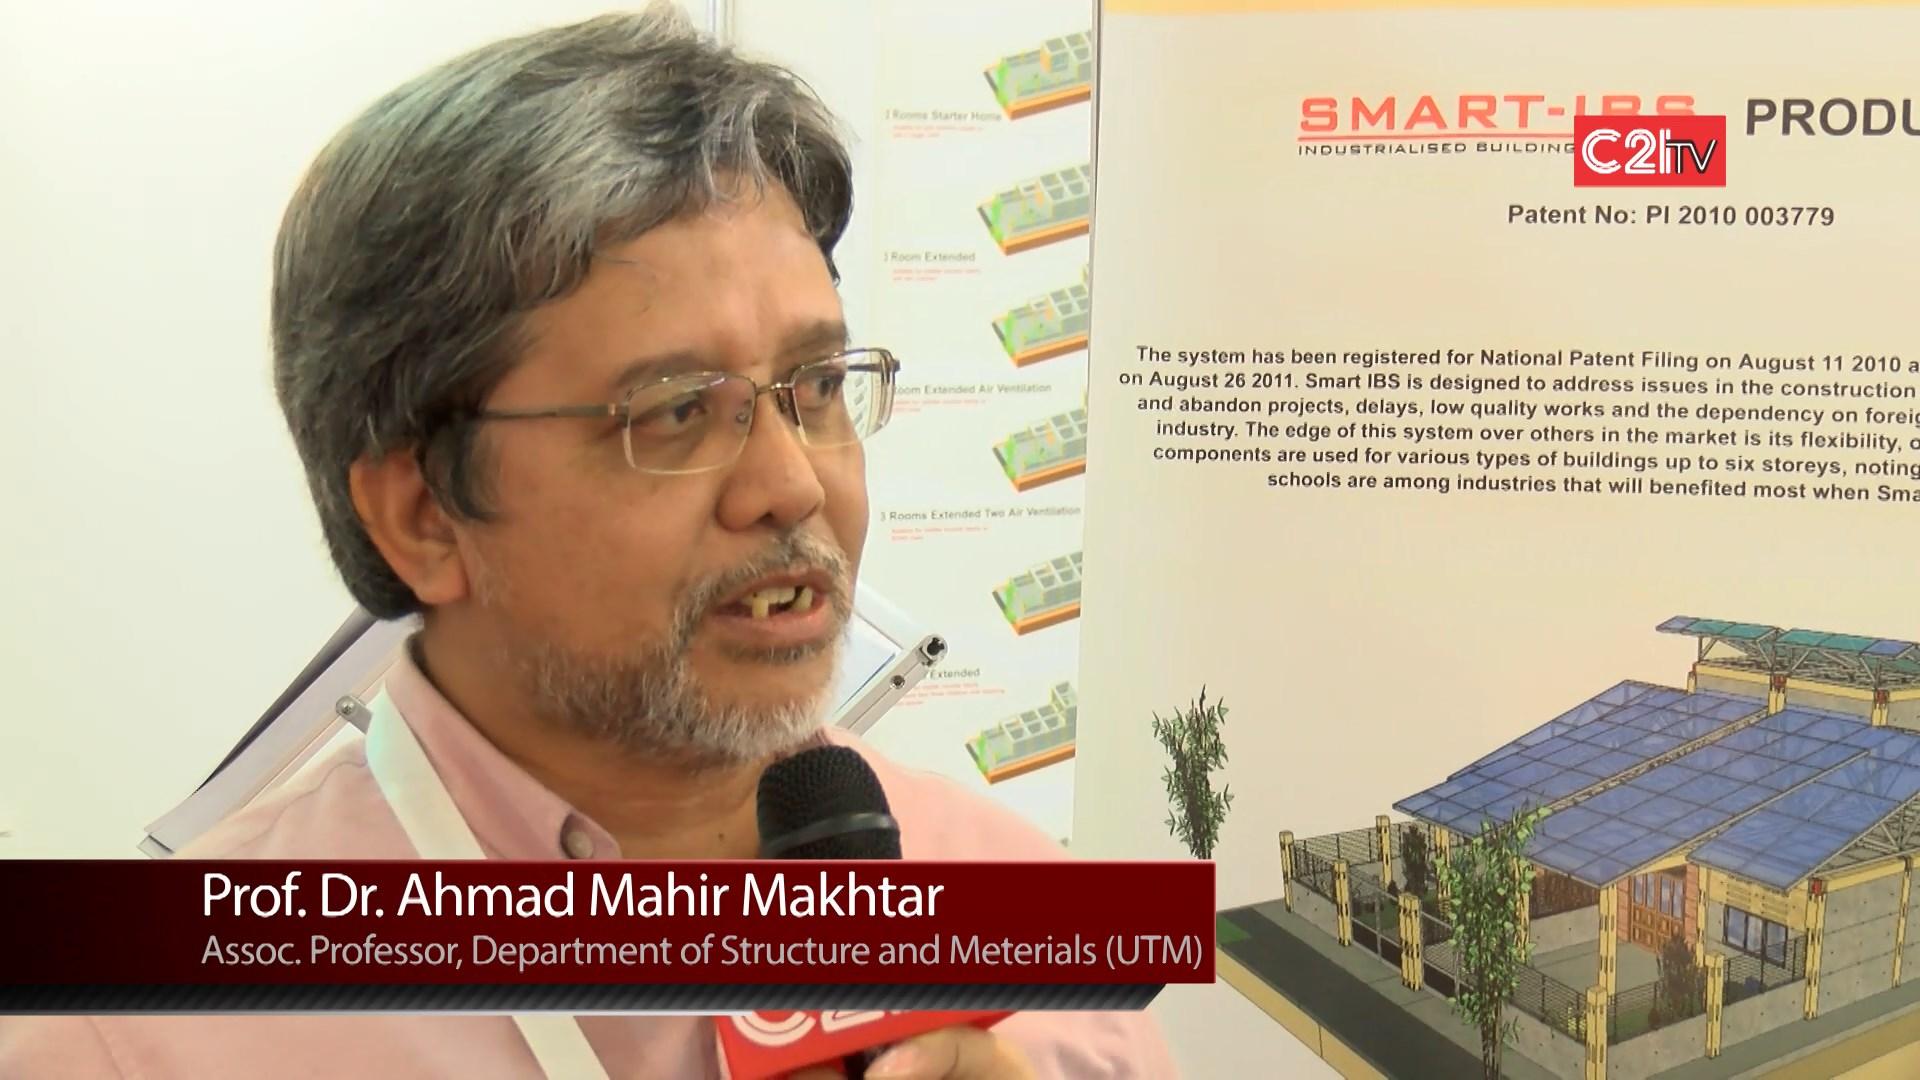 Prof. Dr. Ahmad Mahir Makhtar (UTM)